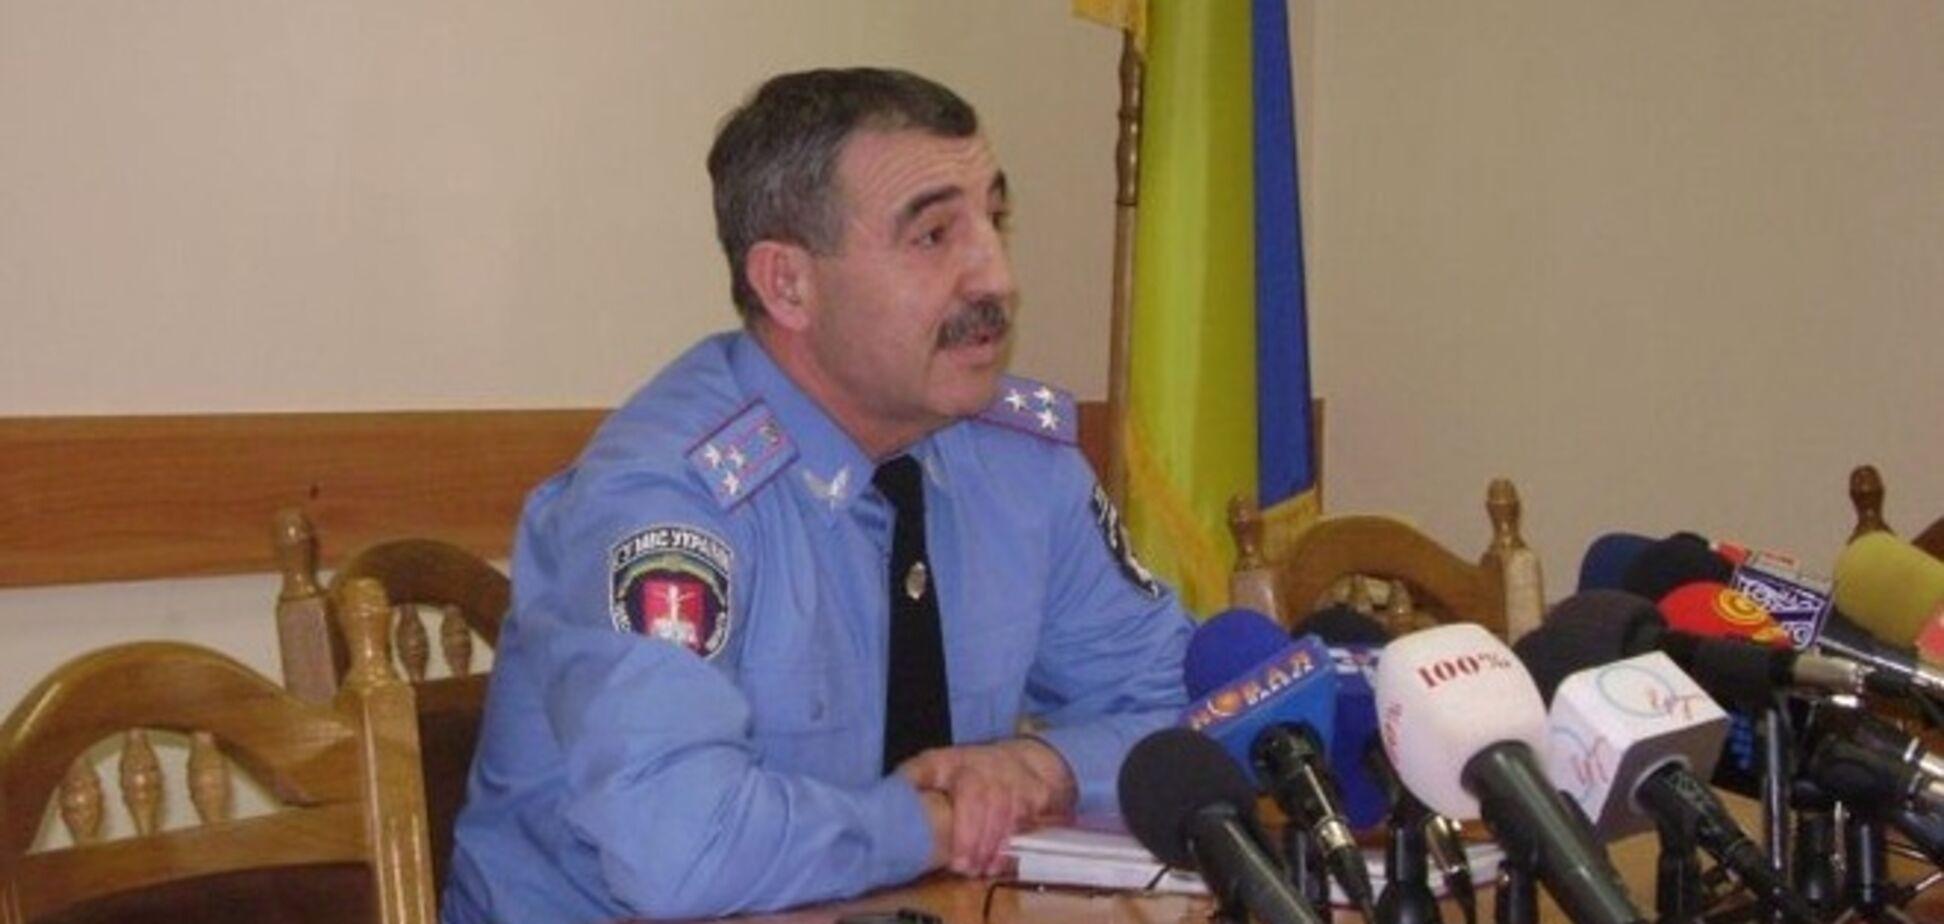 Задержан экс-руководитель одесской милиции - журналист